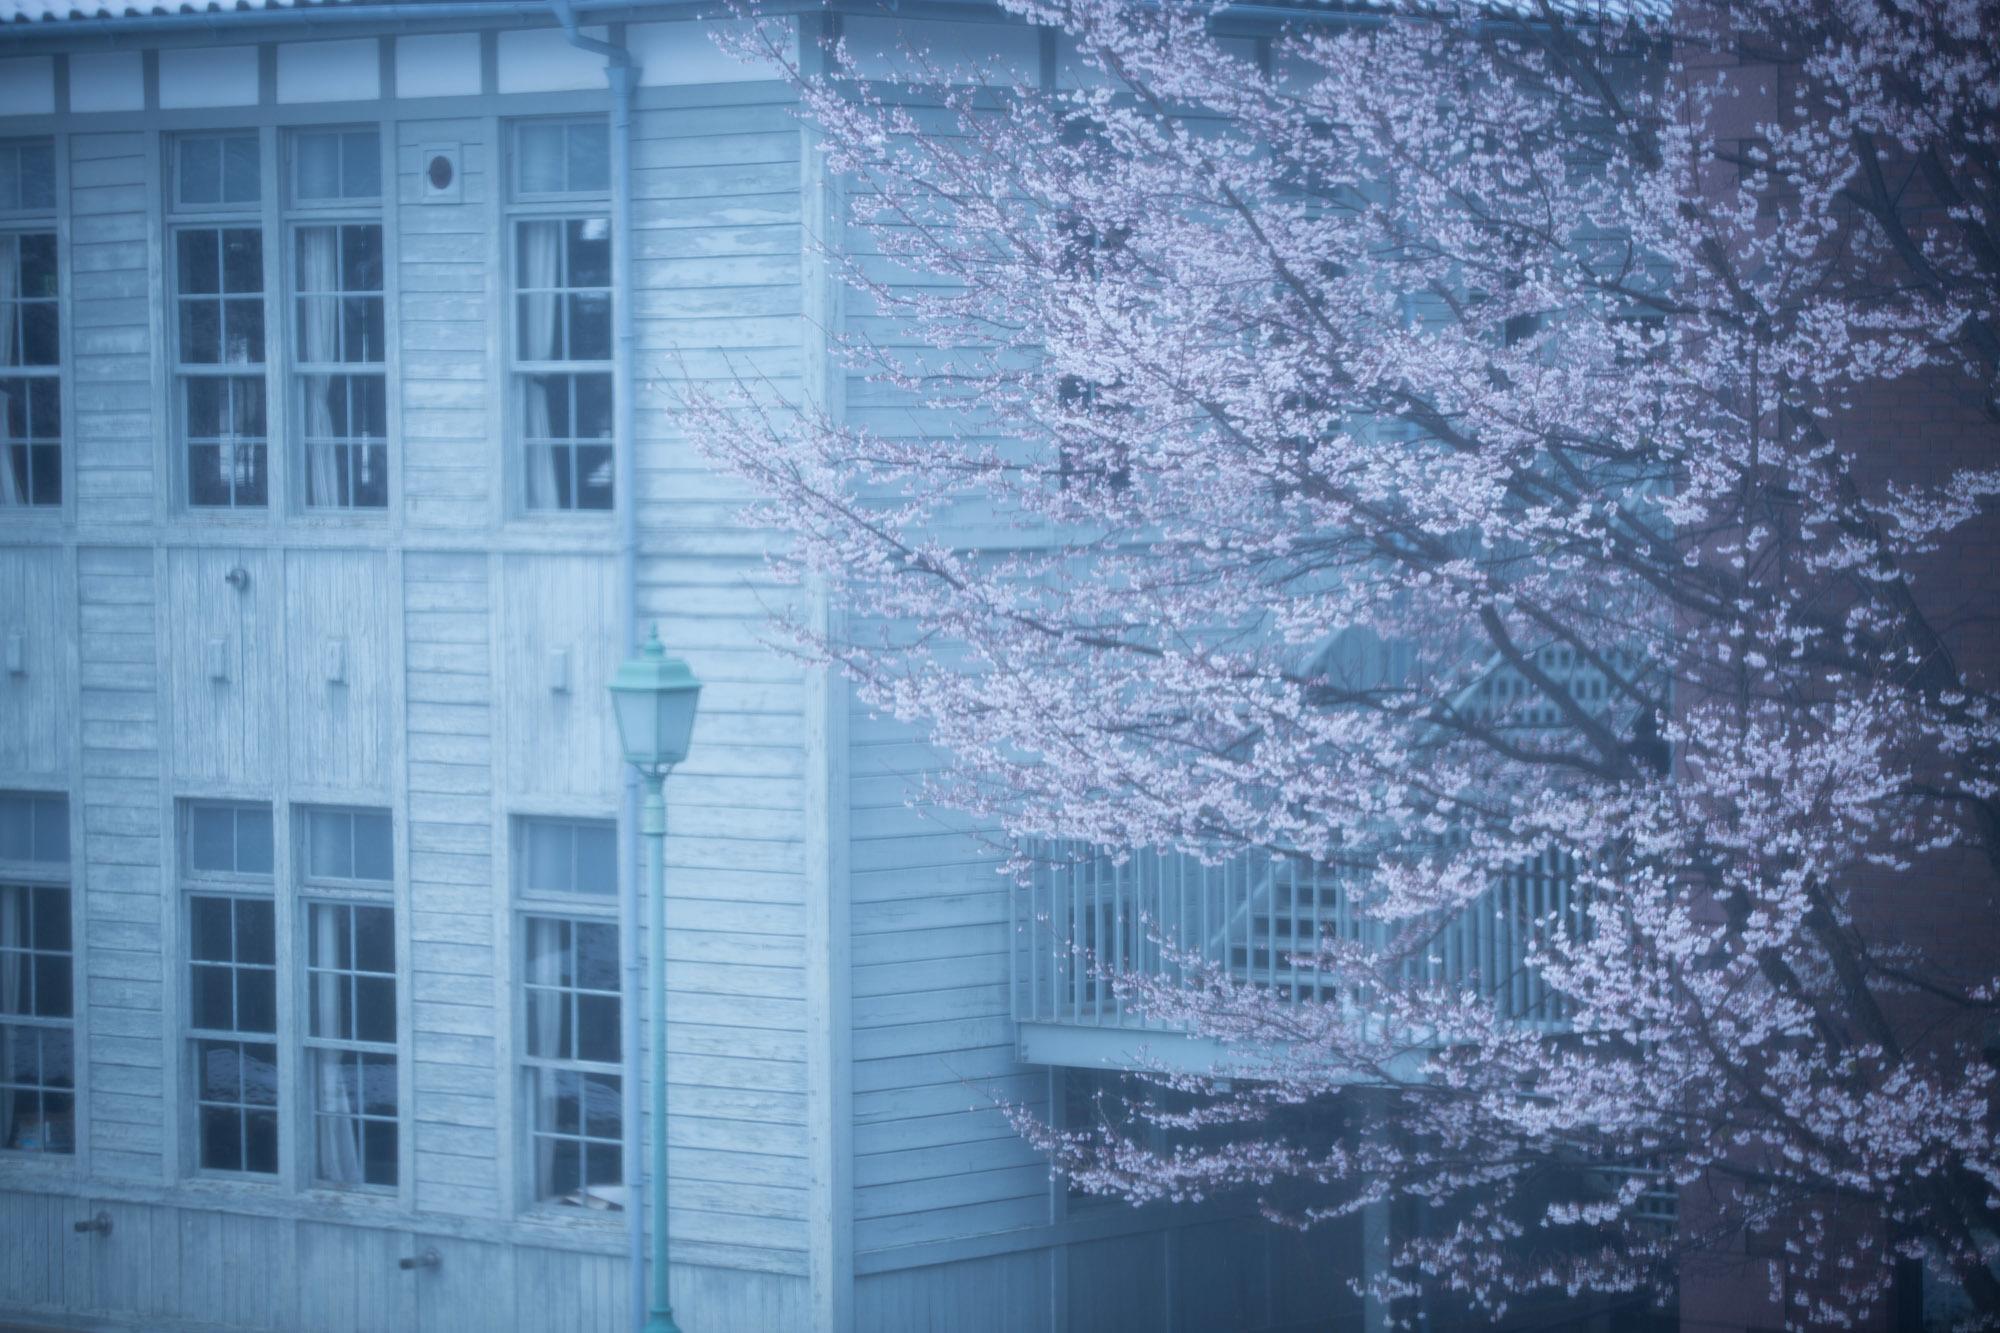 なごり雪の窓辺~あがたの森の枝垂桜~_d0349418_21073673.jpg